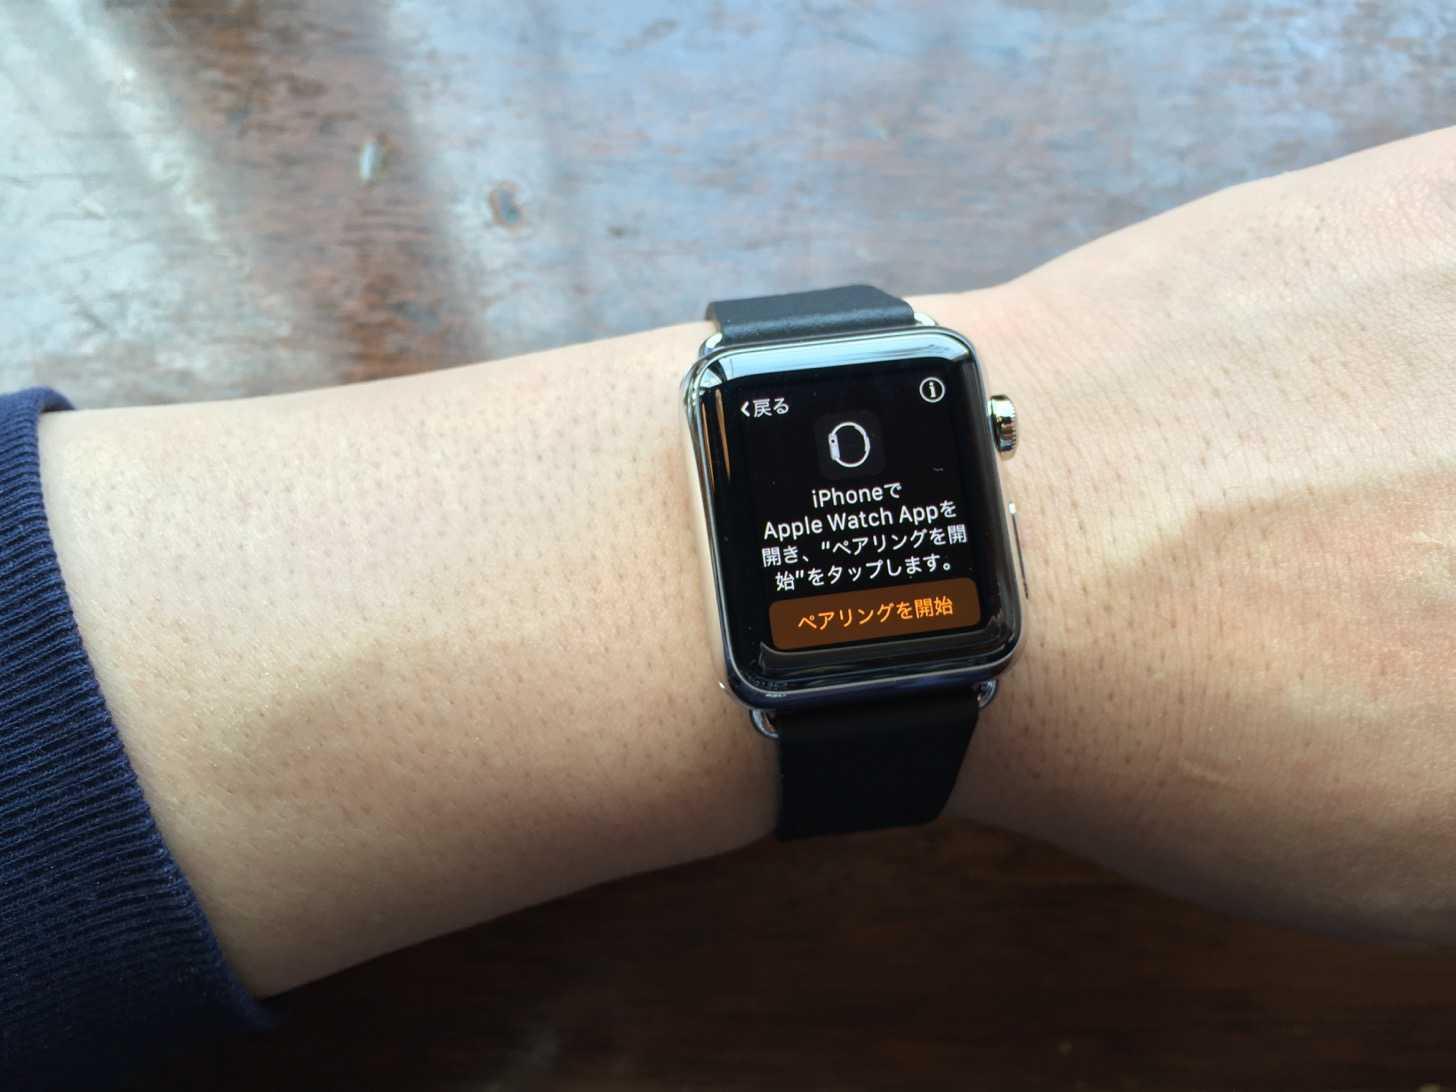 iPhoneでApple Watch Appを開き、ペアリングを開始をタップします。